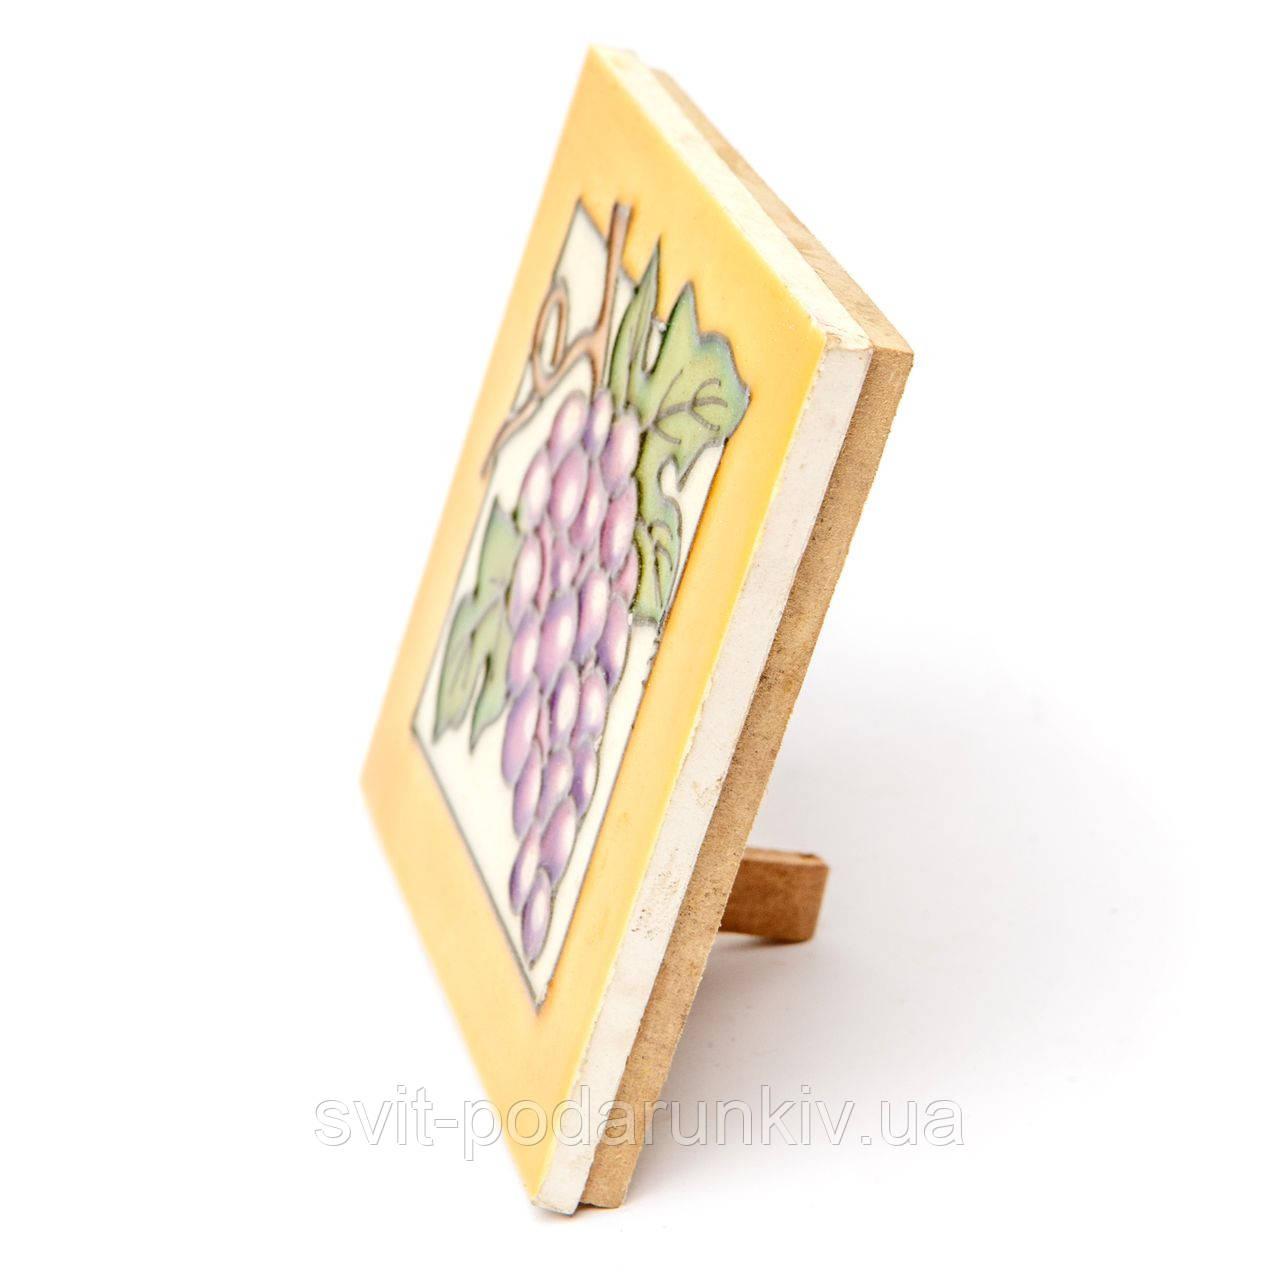 картина из керамической плитки